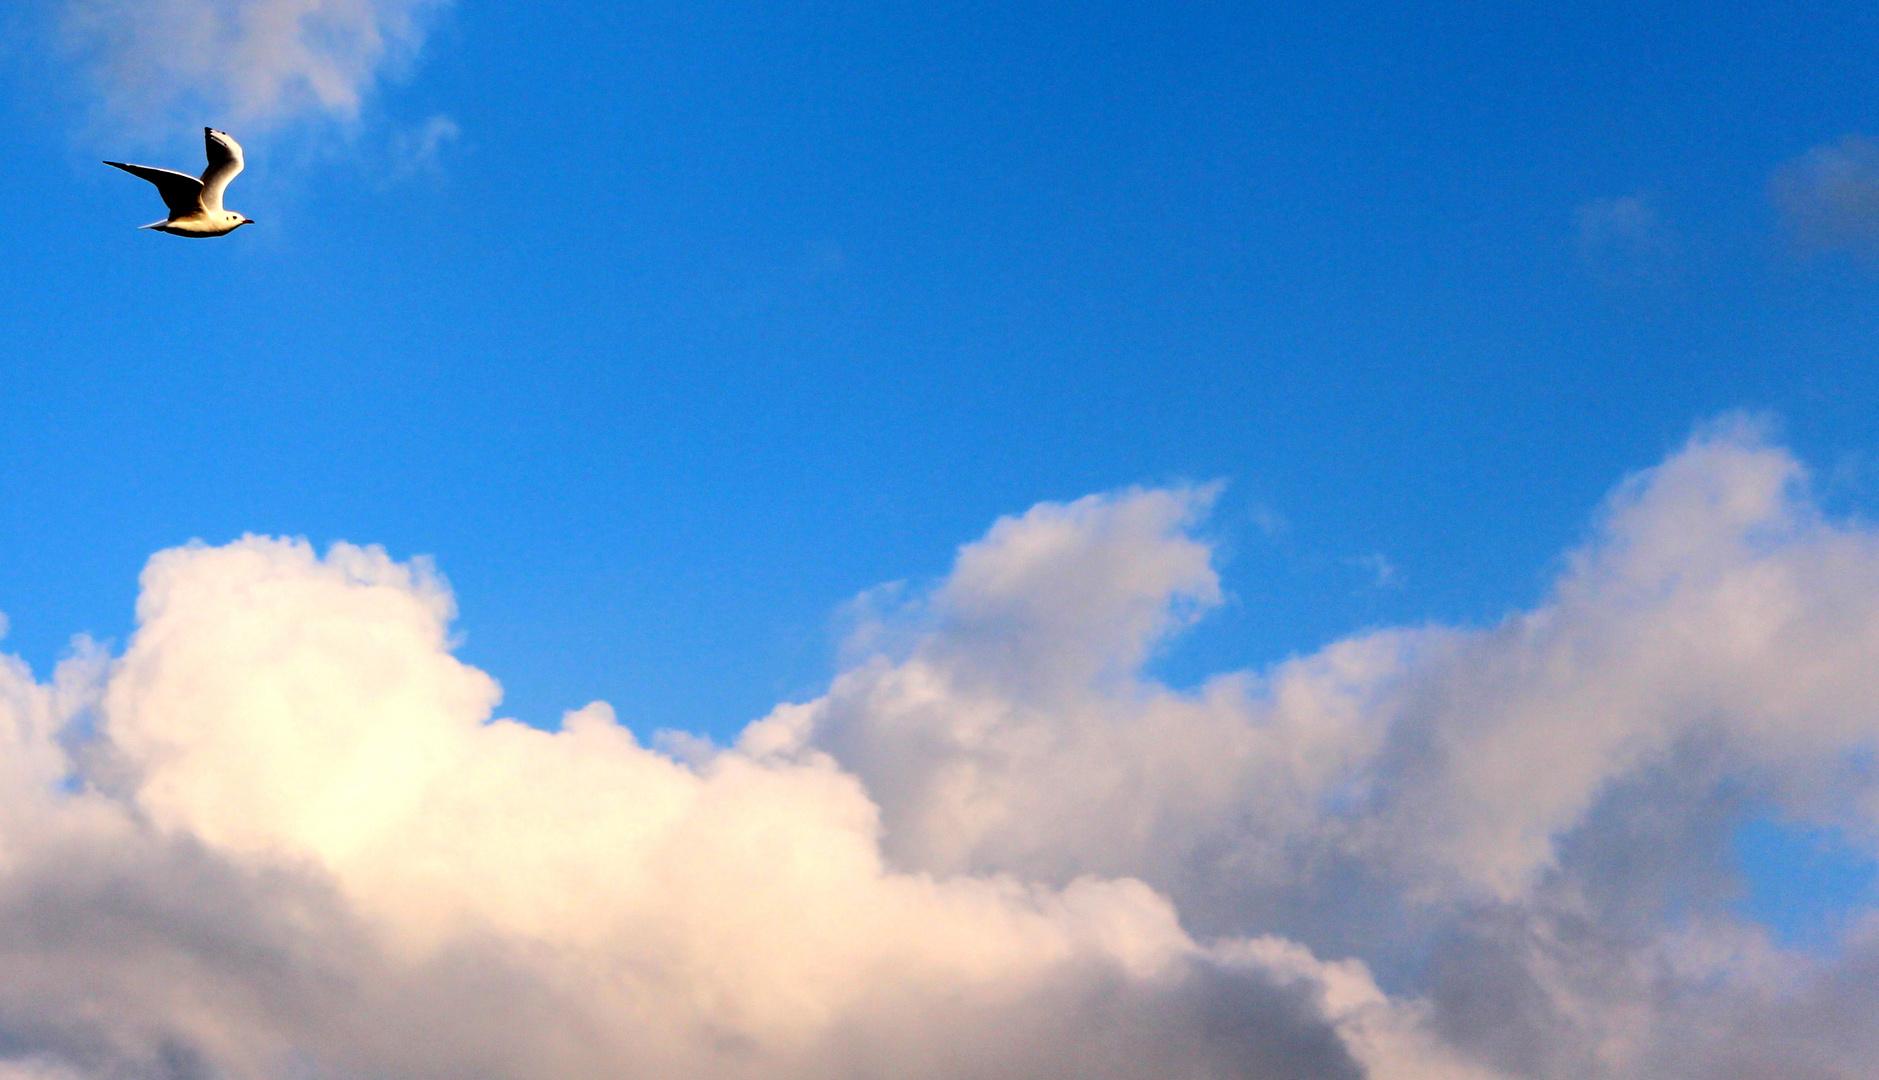 Je höher wir uns erheben, um so kleiner erscheinen wir denen, welche nicht fliegen können.